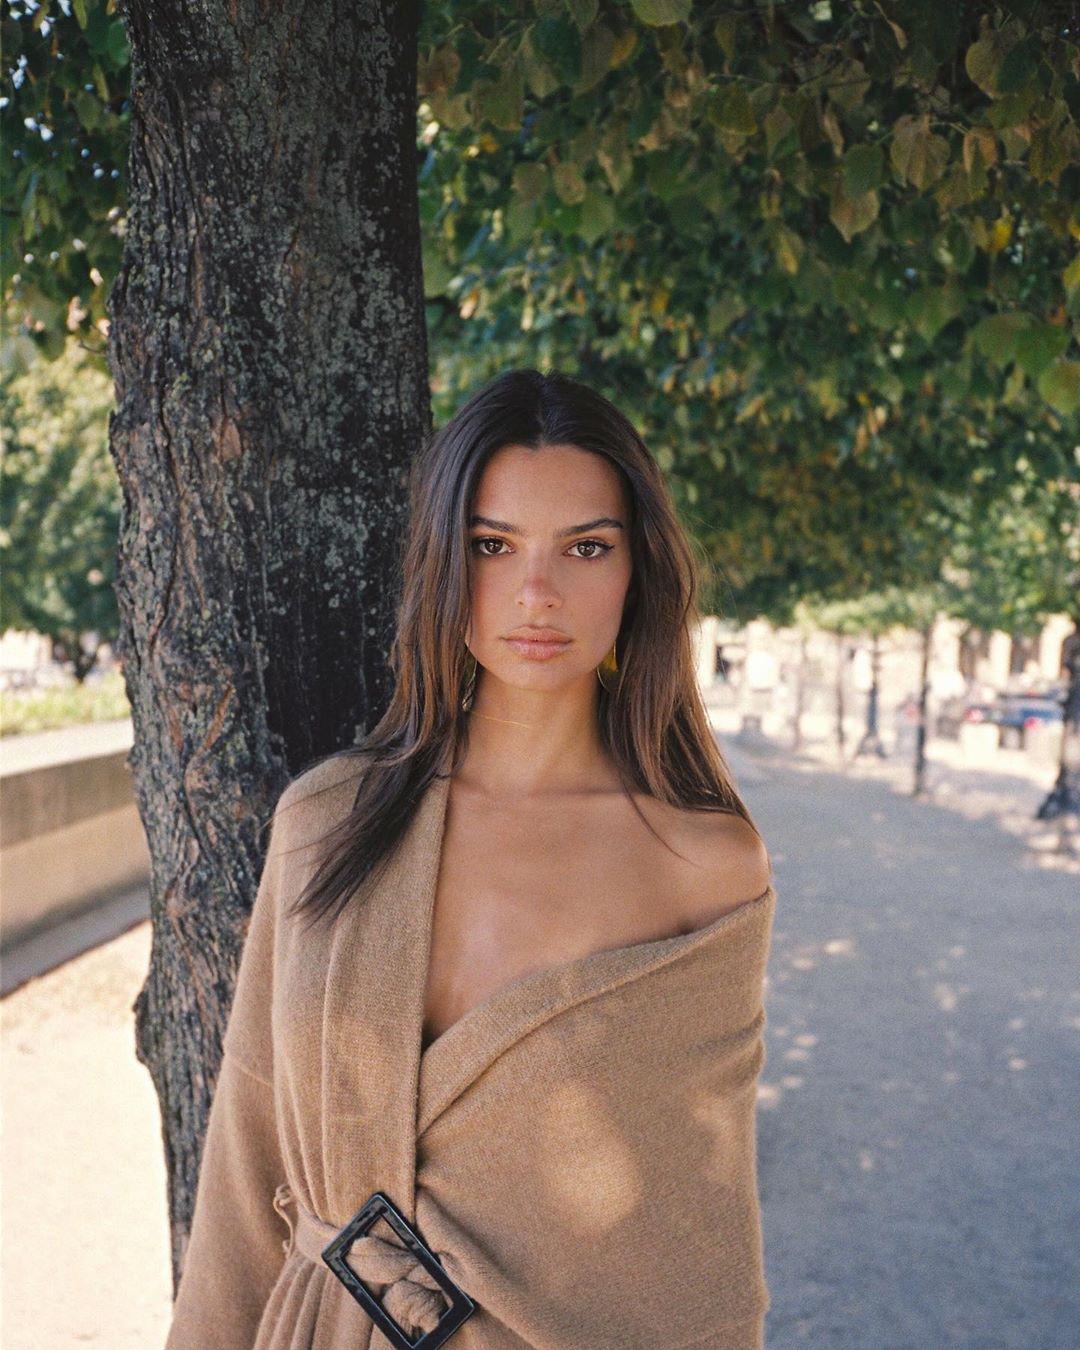 Эмили ратажковски: фото в инстаграм